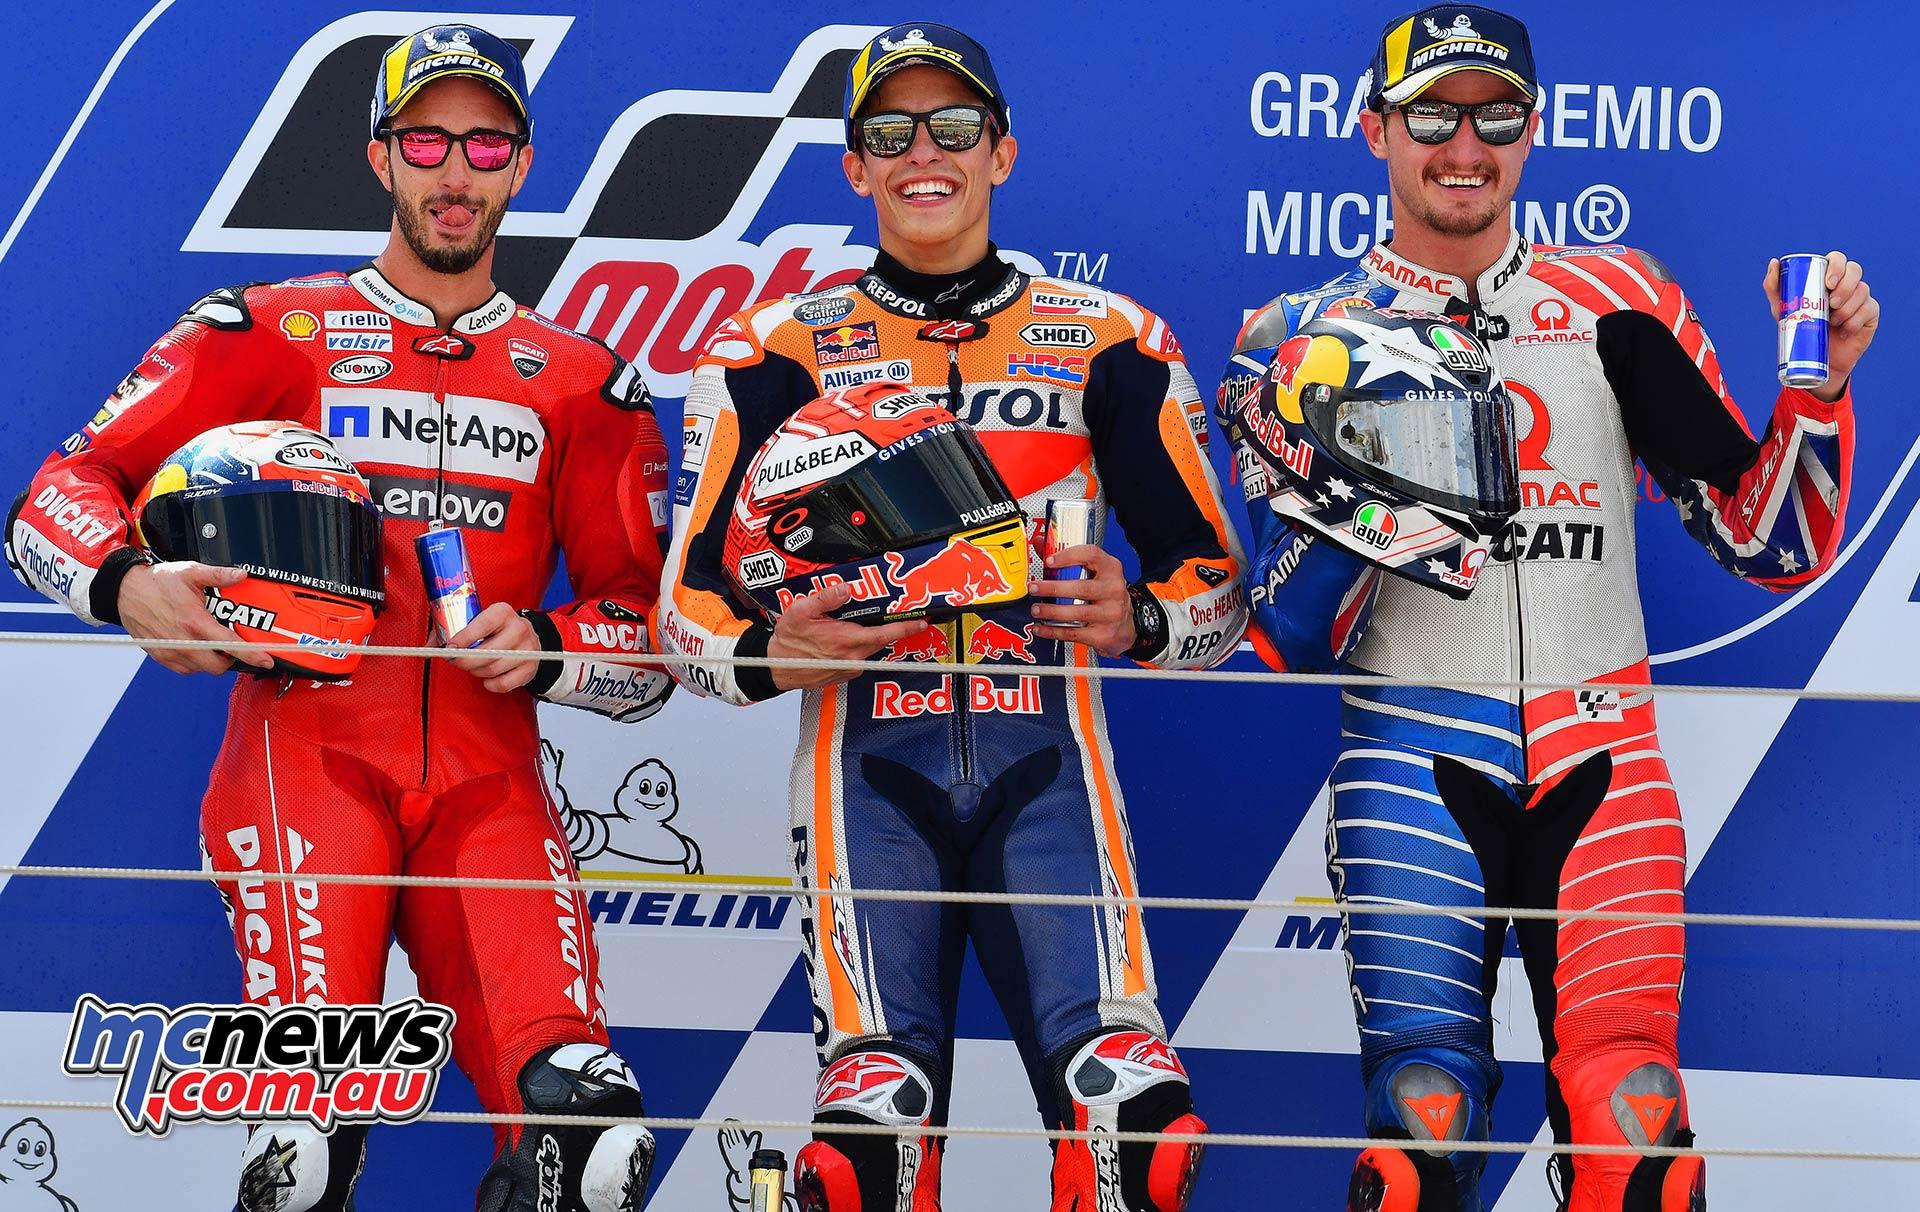 MotoGP Rnd Aragon Podium Marquez Dovi Miller